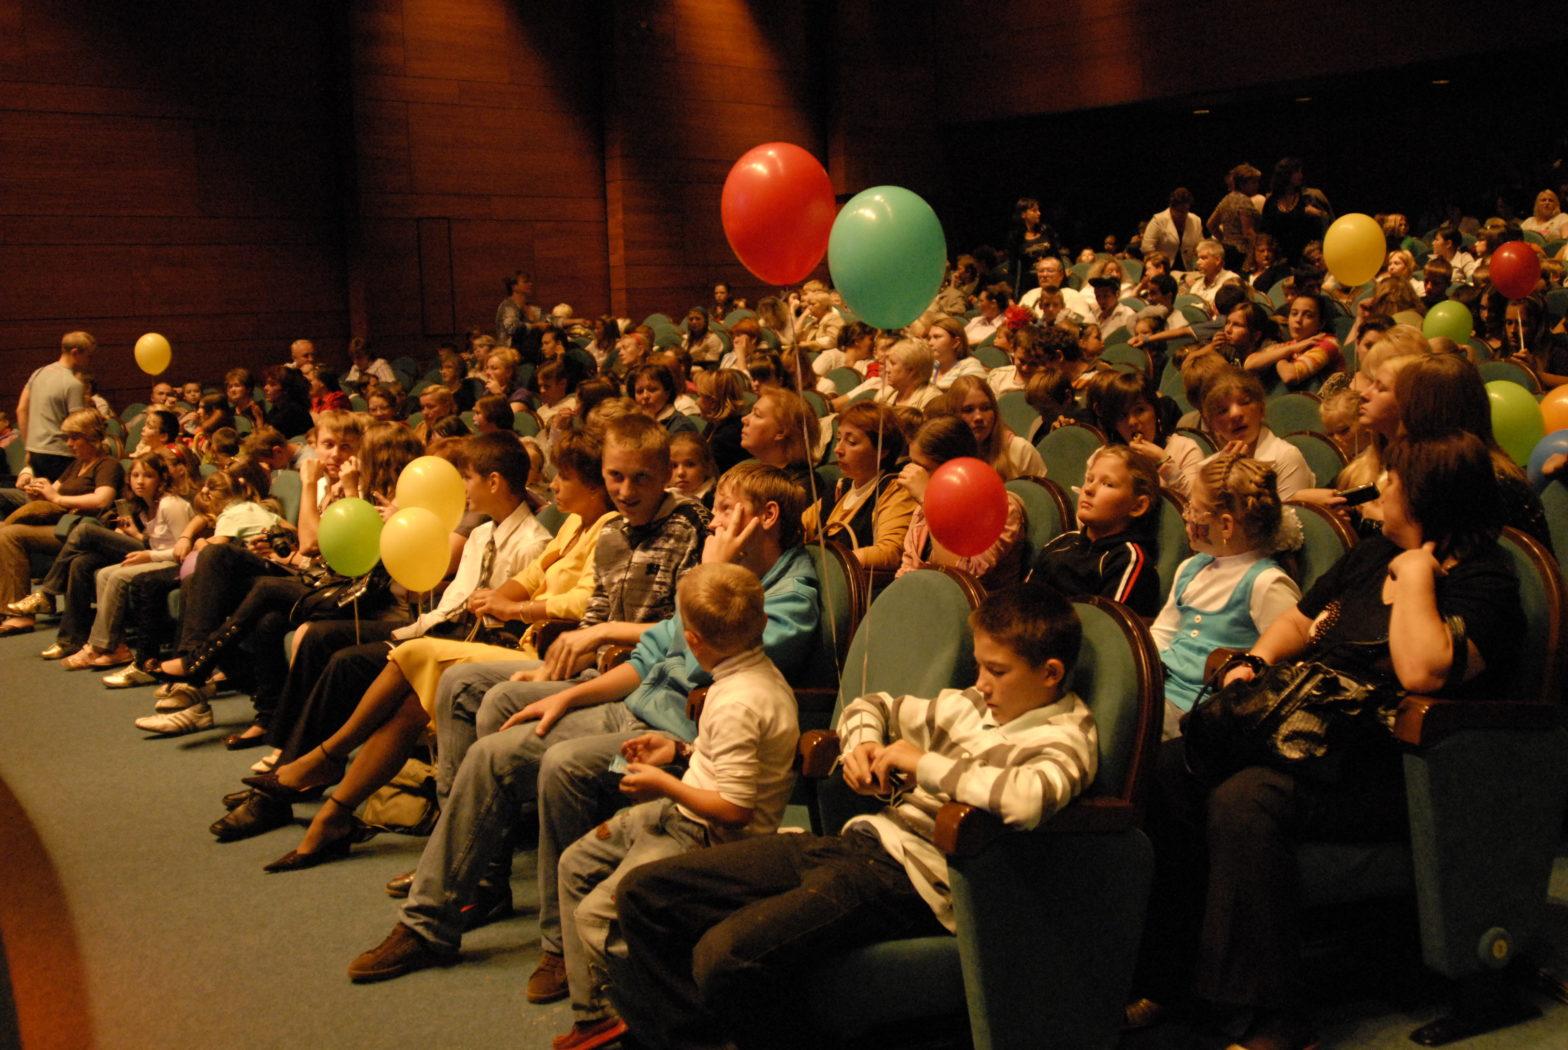 Фонд провел благотворительный праздник к Международному дню защиты детей 2009 года